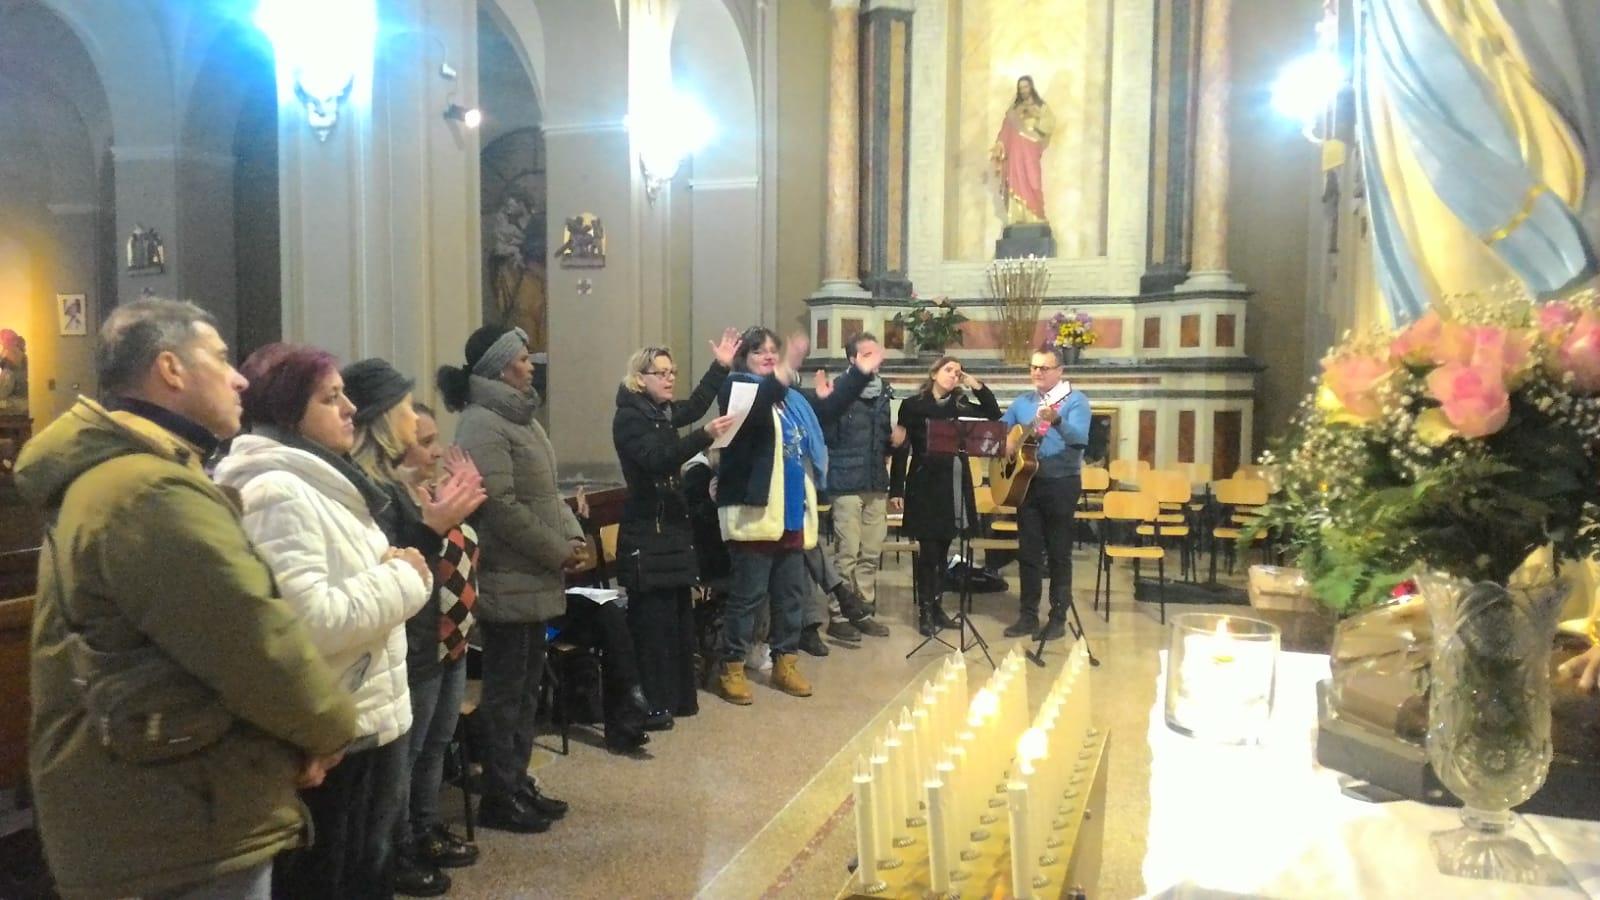 Gruppo di preghiera galleria riassuntiva (10)